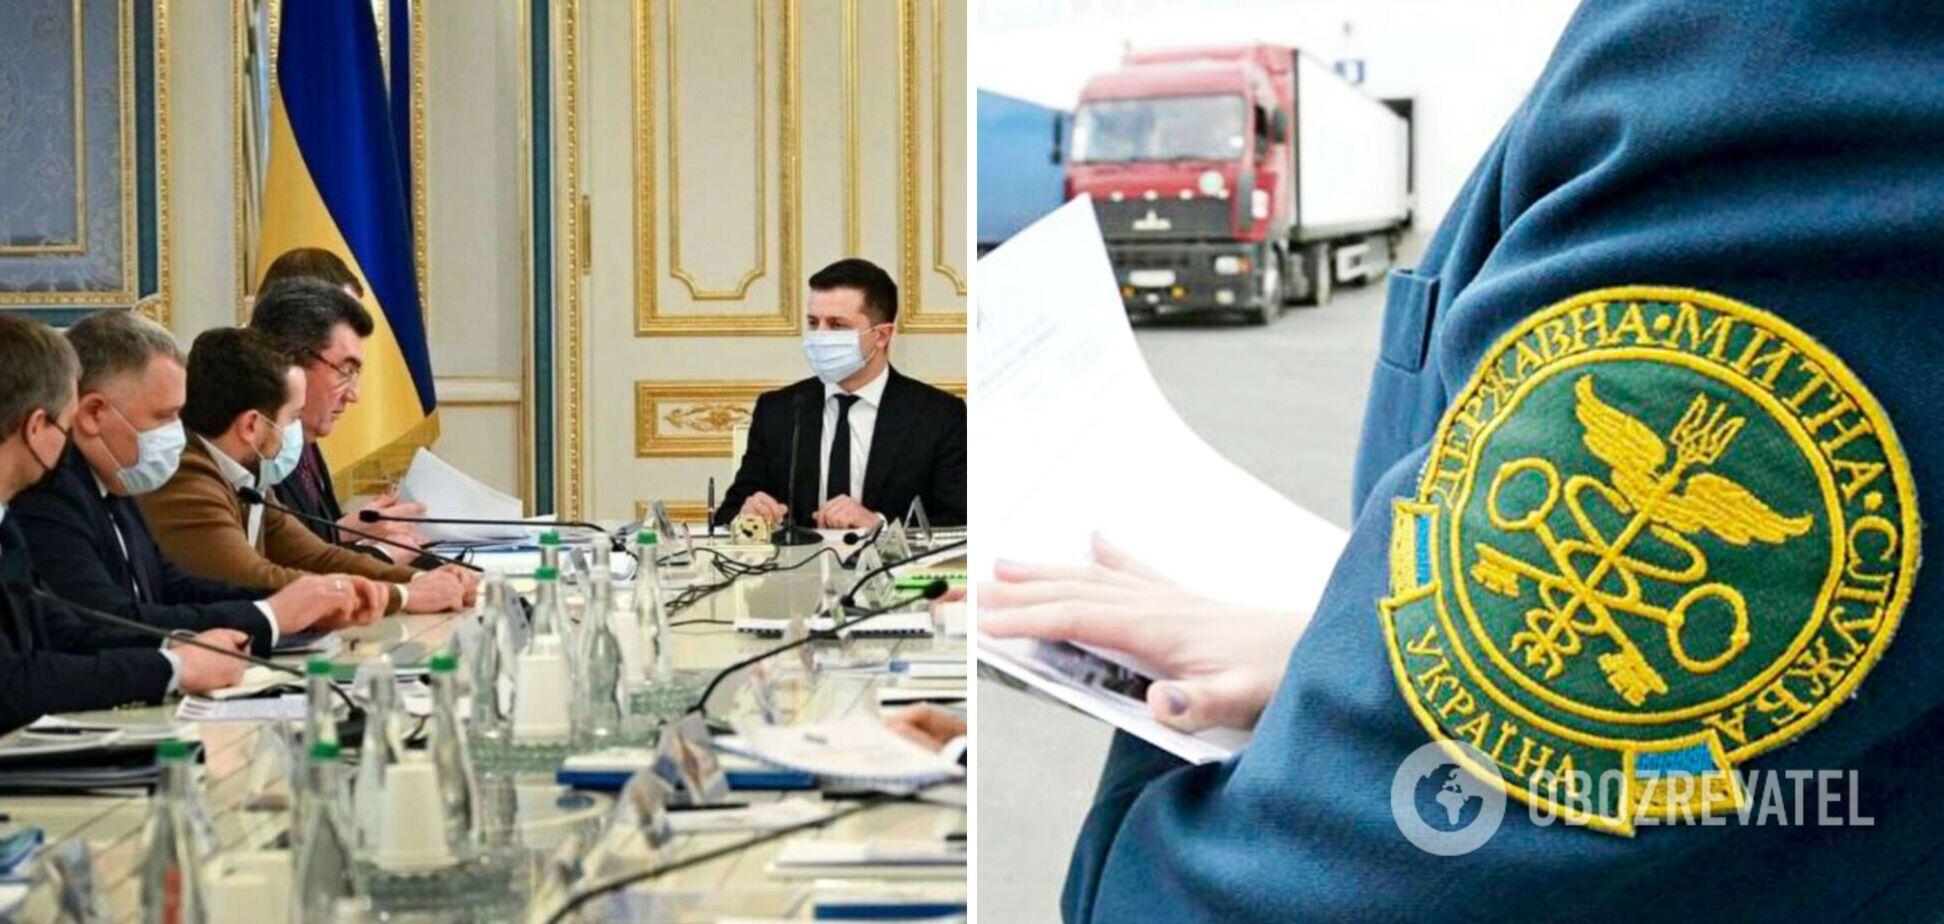 Після засідання РНБО понад 100 митників усунули від роботи